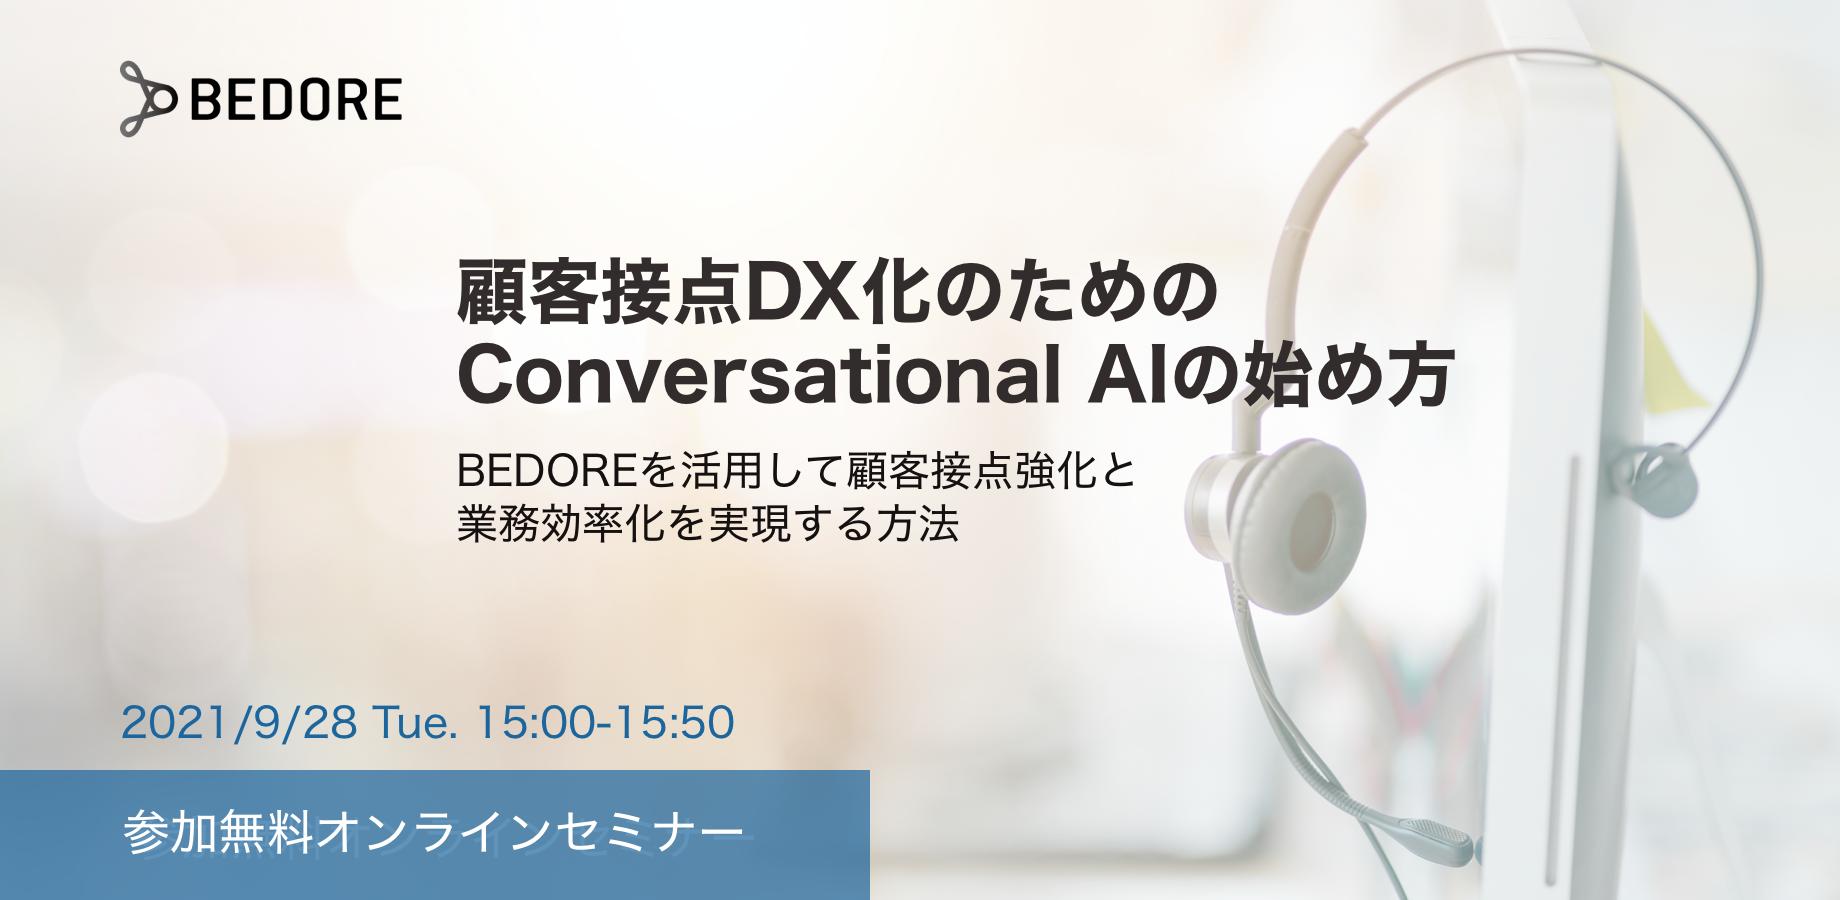 顧客接点DX化のためのConversational AIの始め方